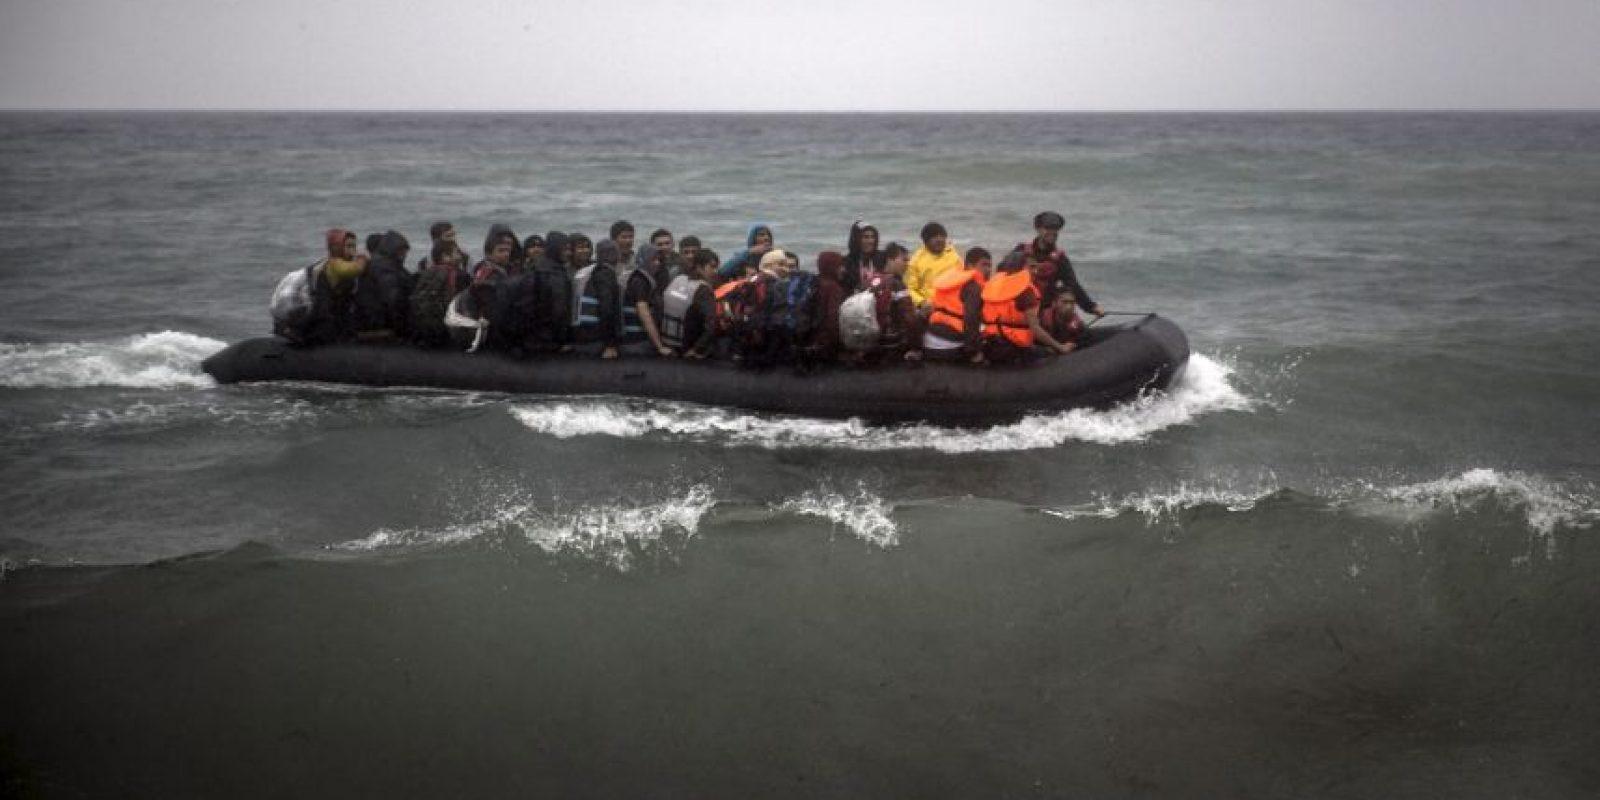 2015 trajo consigo una de las peores crisis de migración que Europa y el mundo hayan visto recientemente. Foto:AP